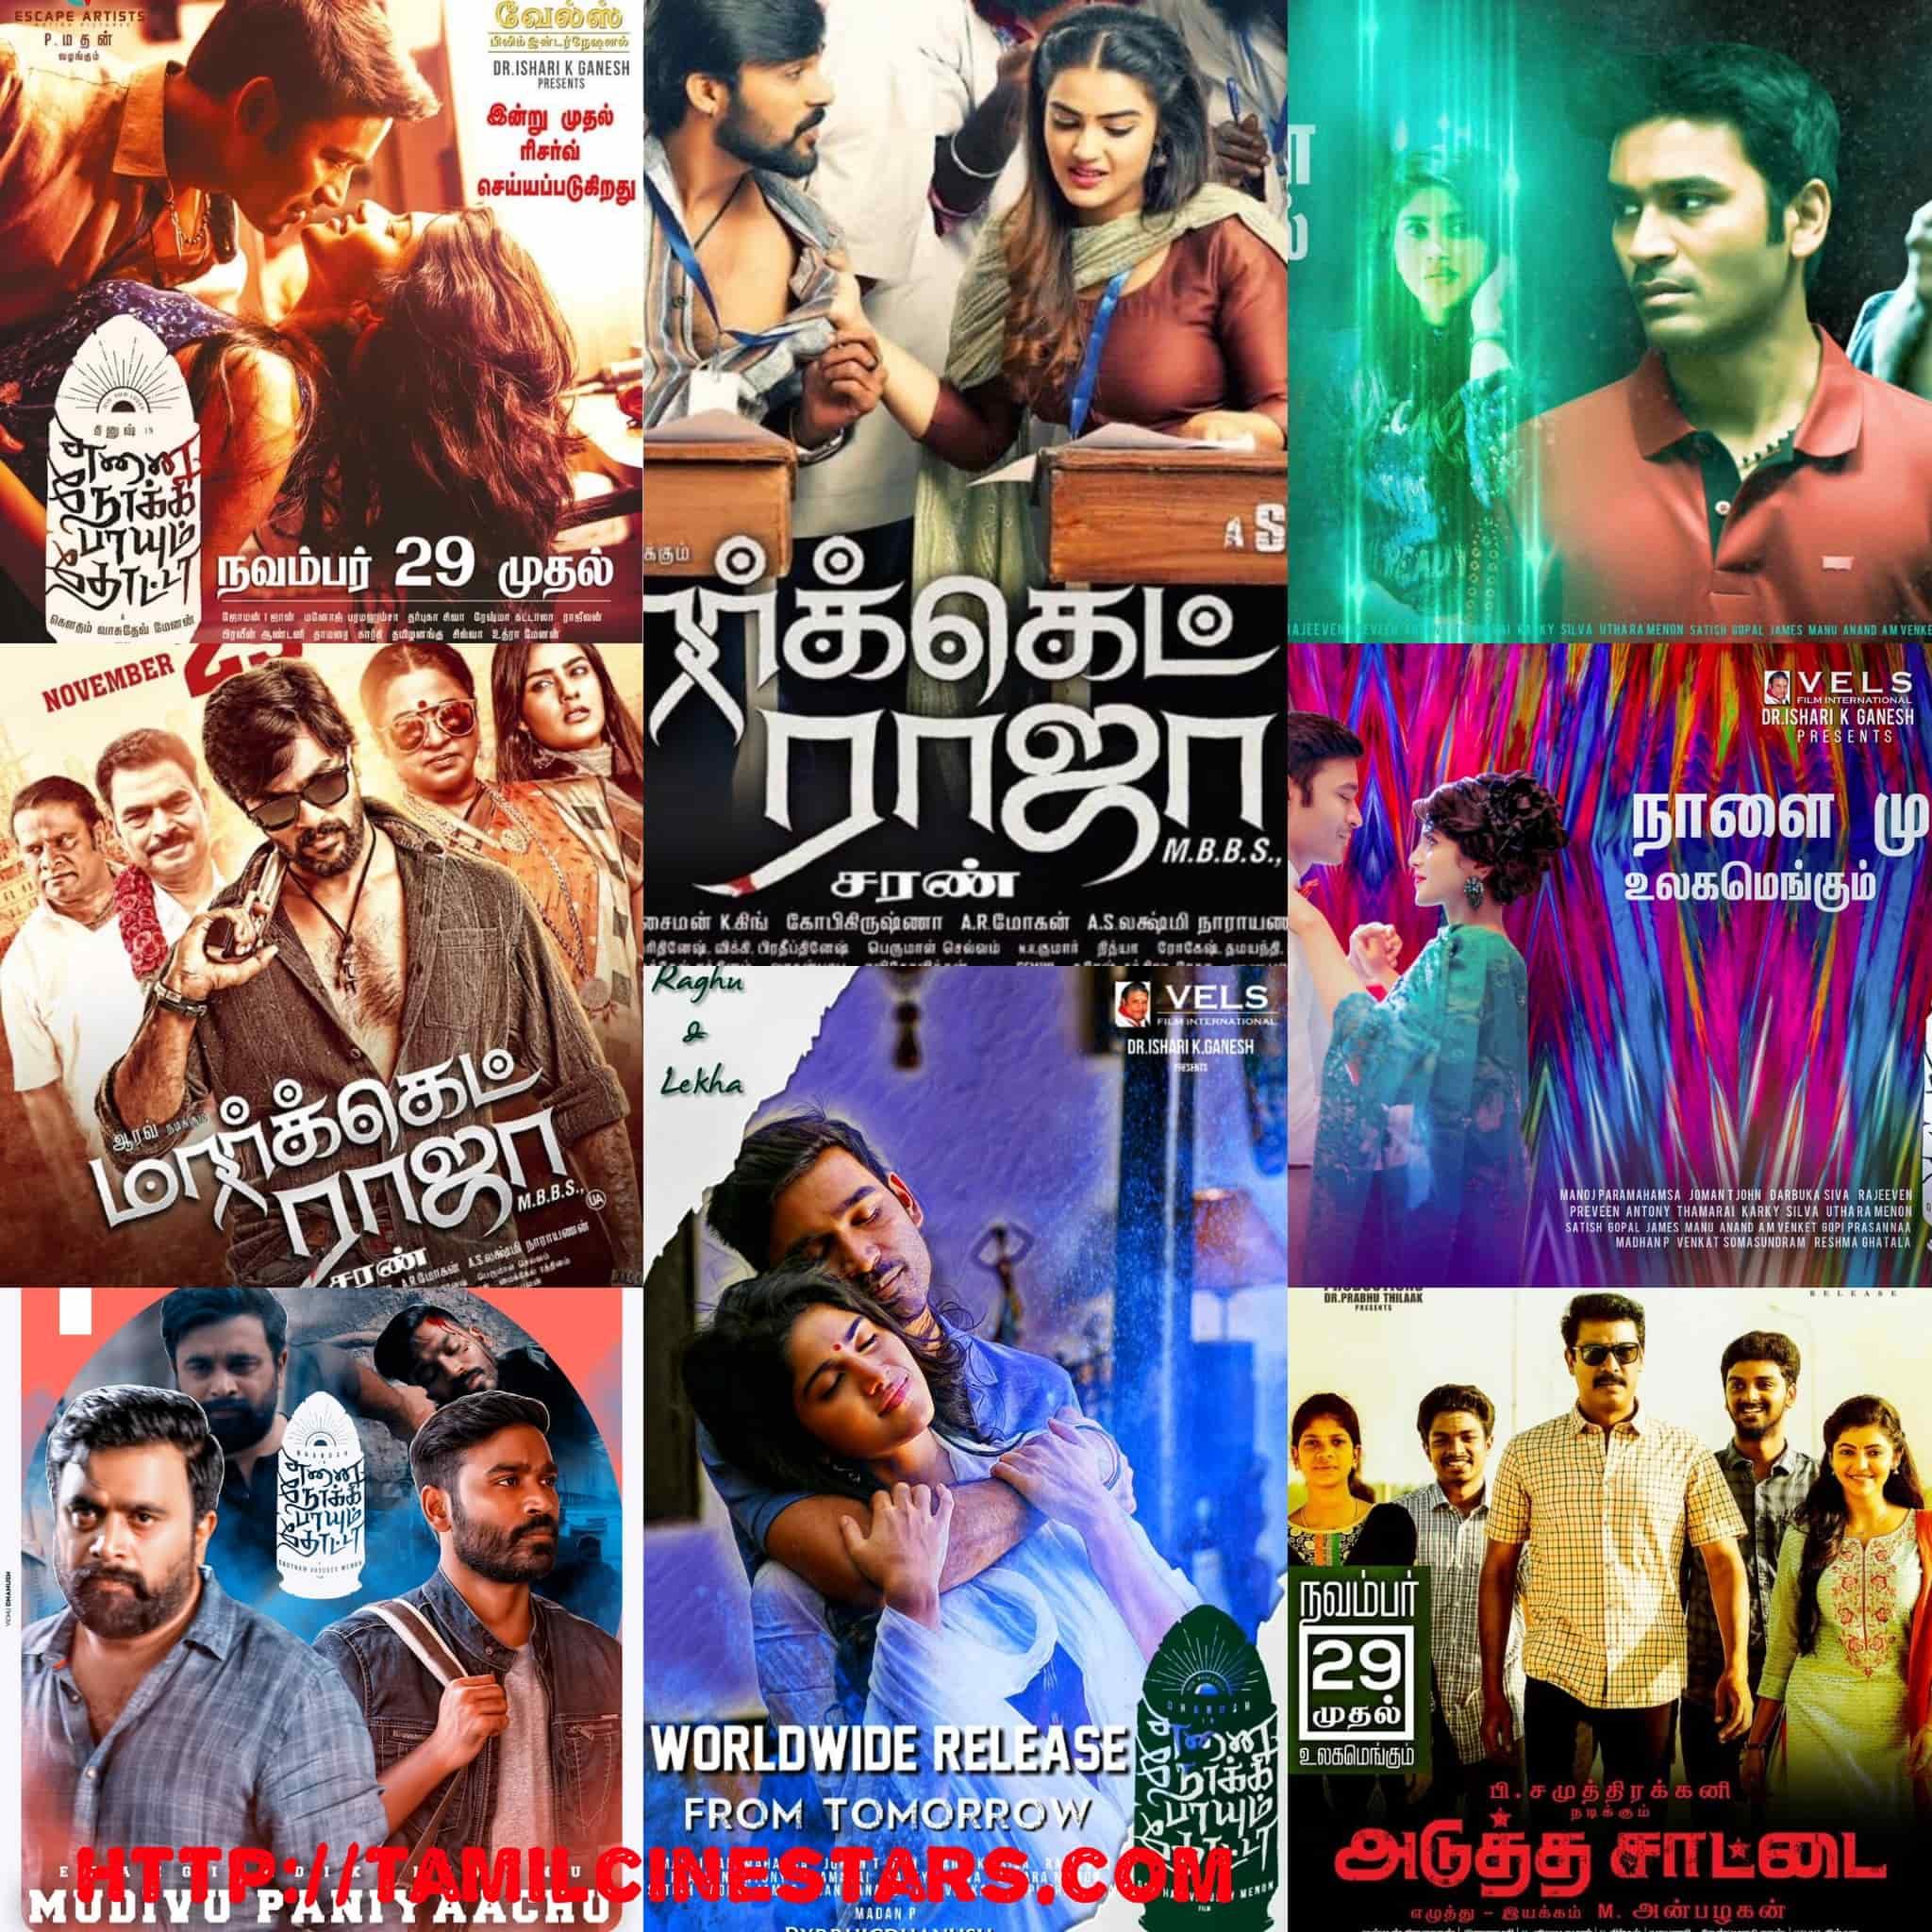 November 29 Movie Releases Enai Noki Paayum Thota Market raja MBBS Adutha Saattai